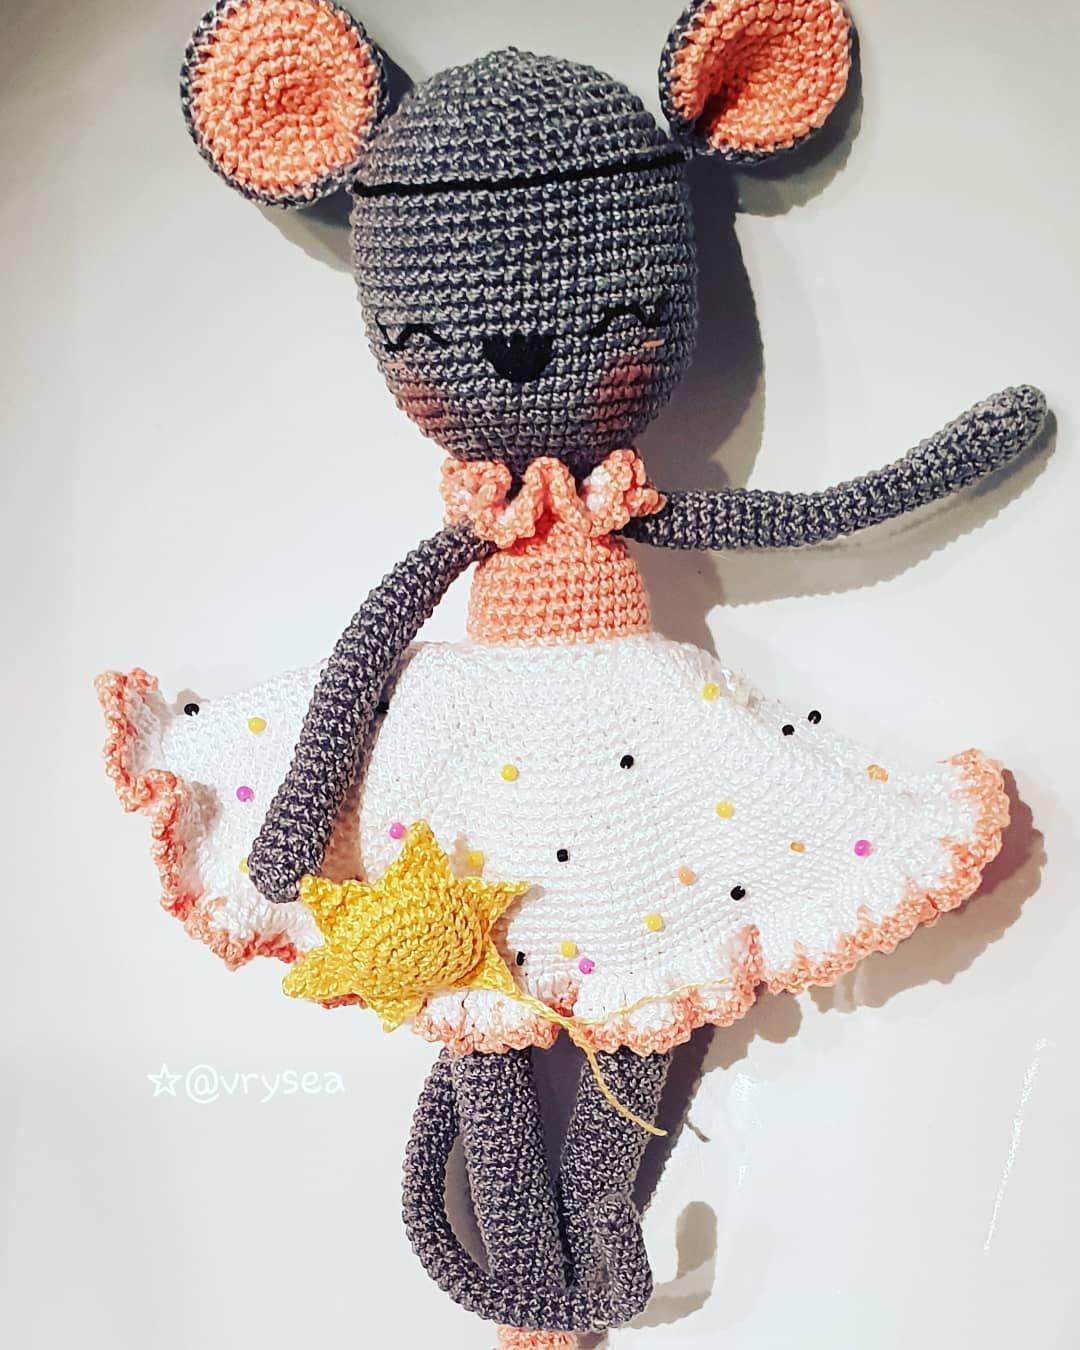 Una ratoncita encantadora con mucha ilusión. 😃#crochet #hechoamano ...